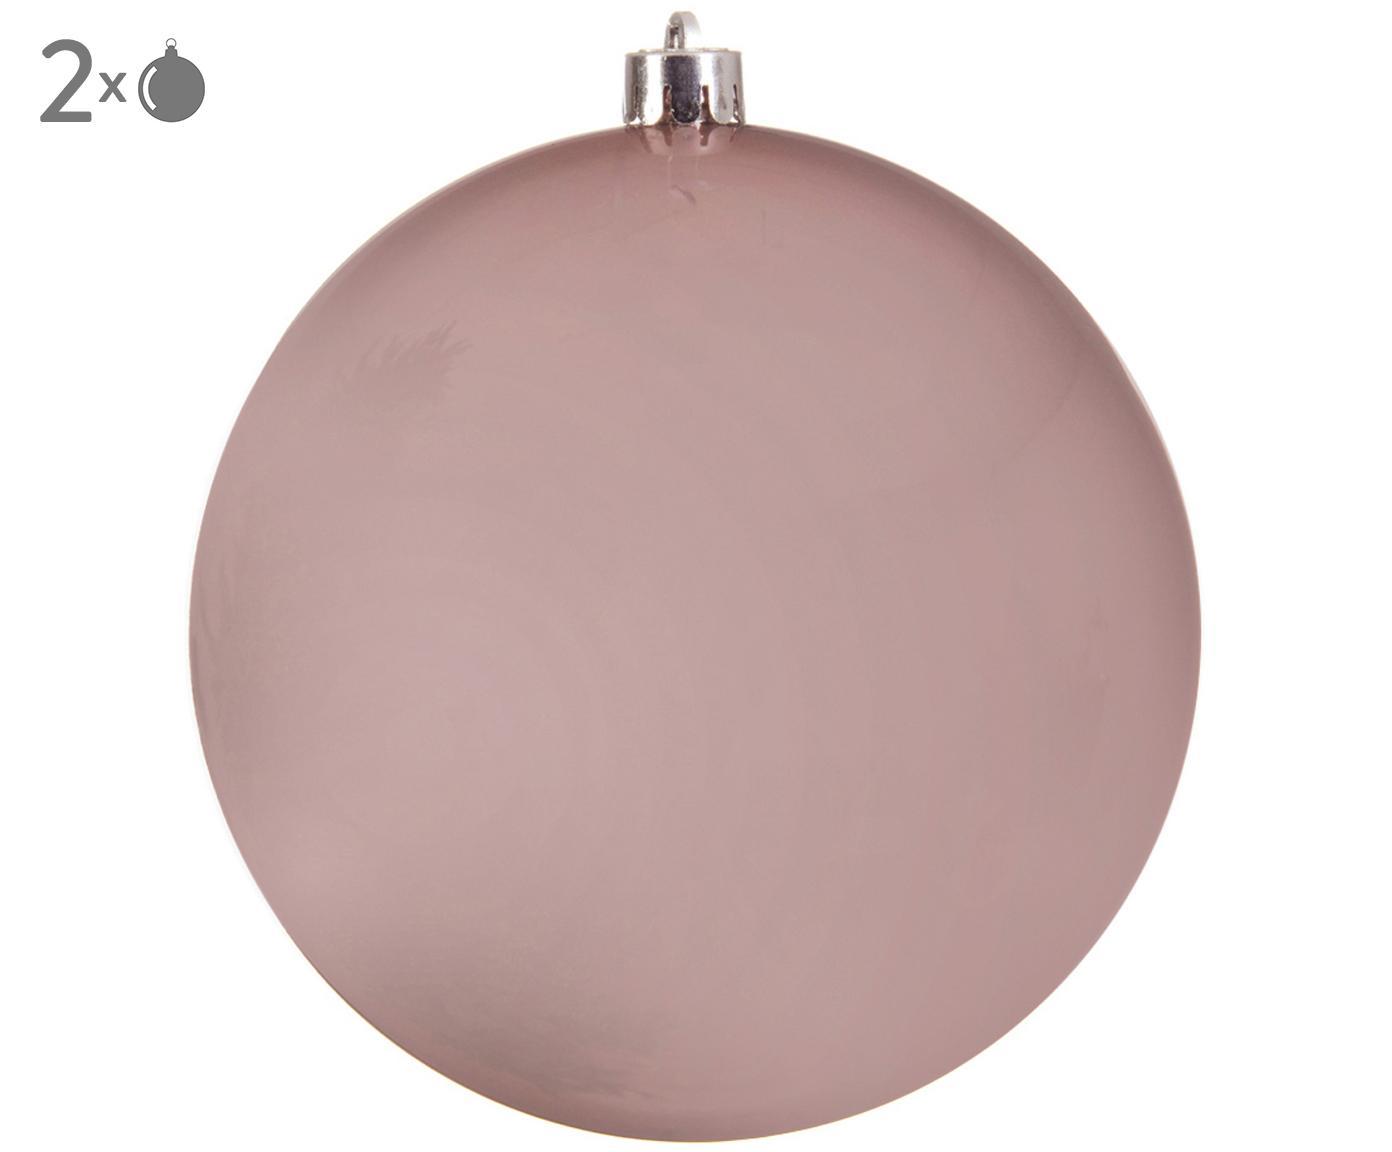 Palla di Natale Minstix, 2 pz., Materiale sintetico, Rosa, Ø 14 cm